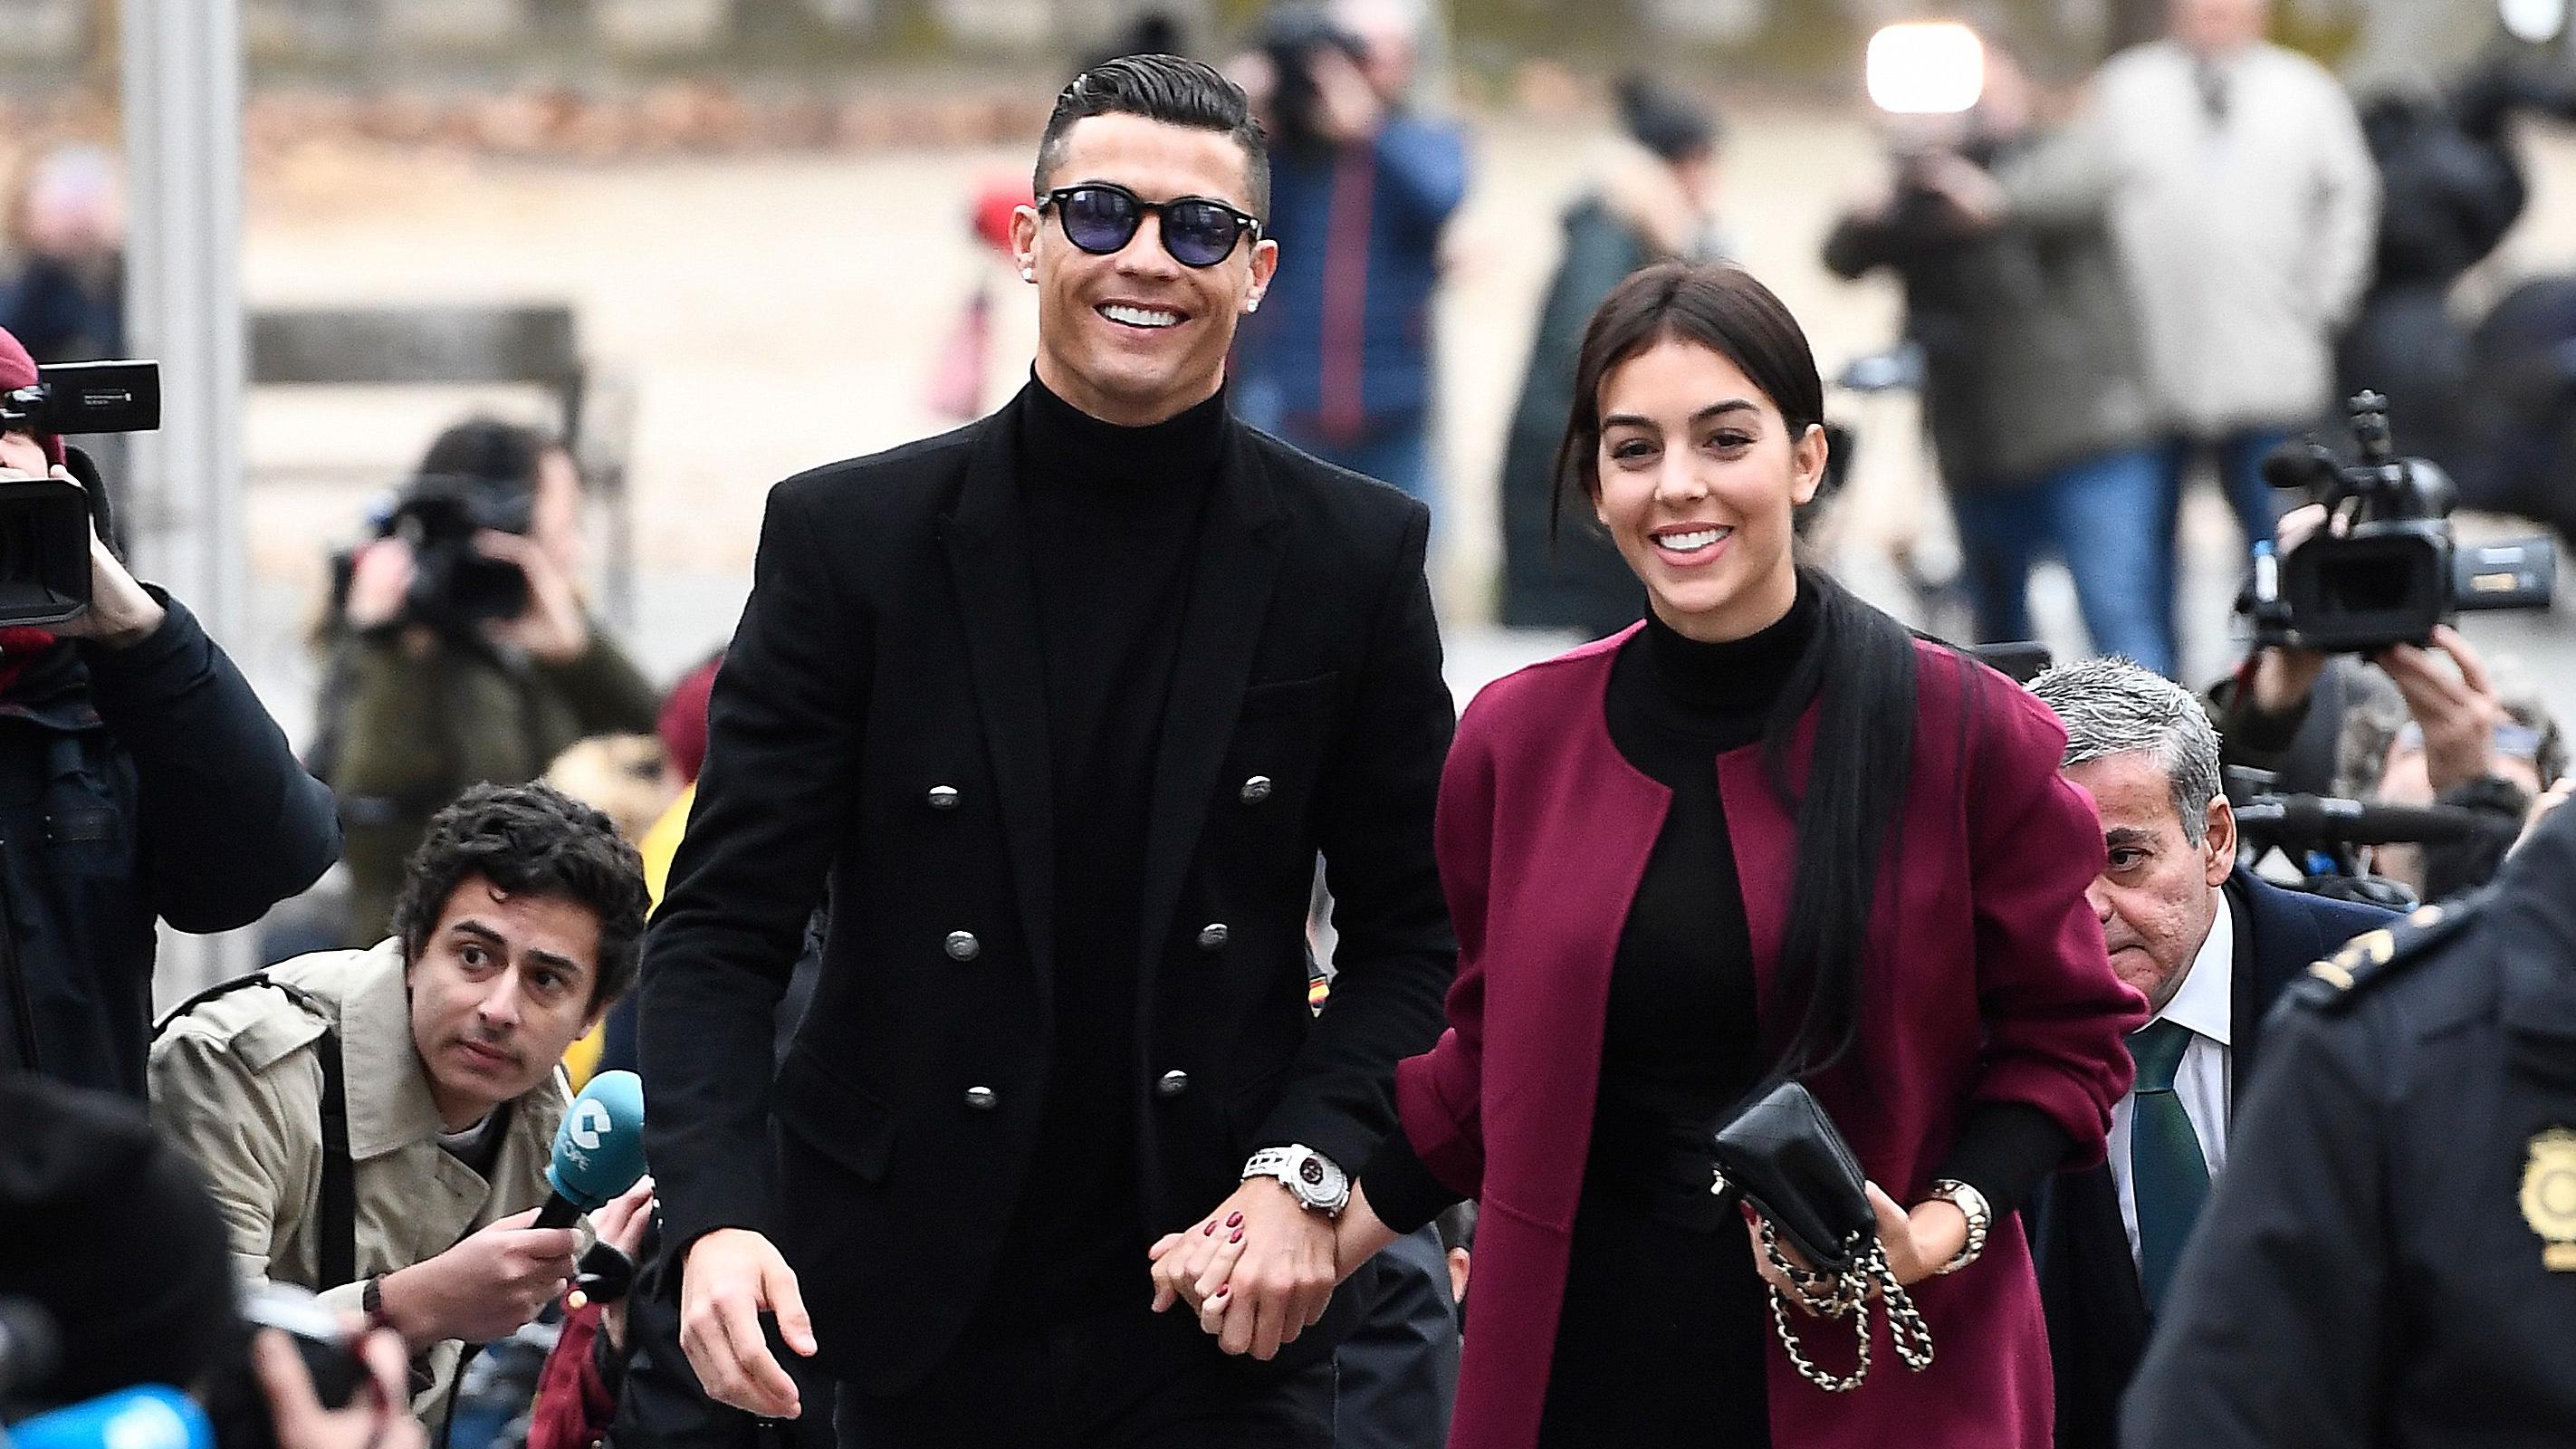 من هي جورجينا رودريجيز صديقة كريستيانو رونالدو؟ | Goal.com